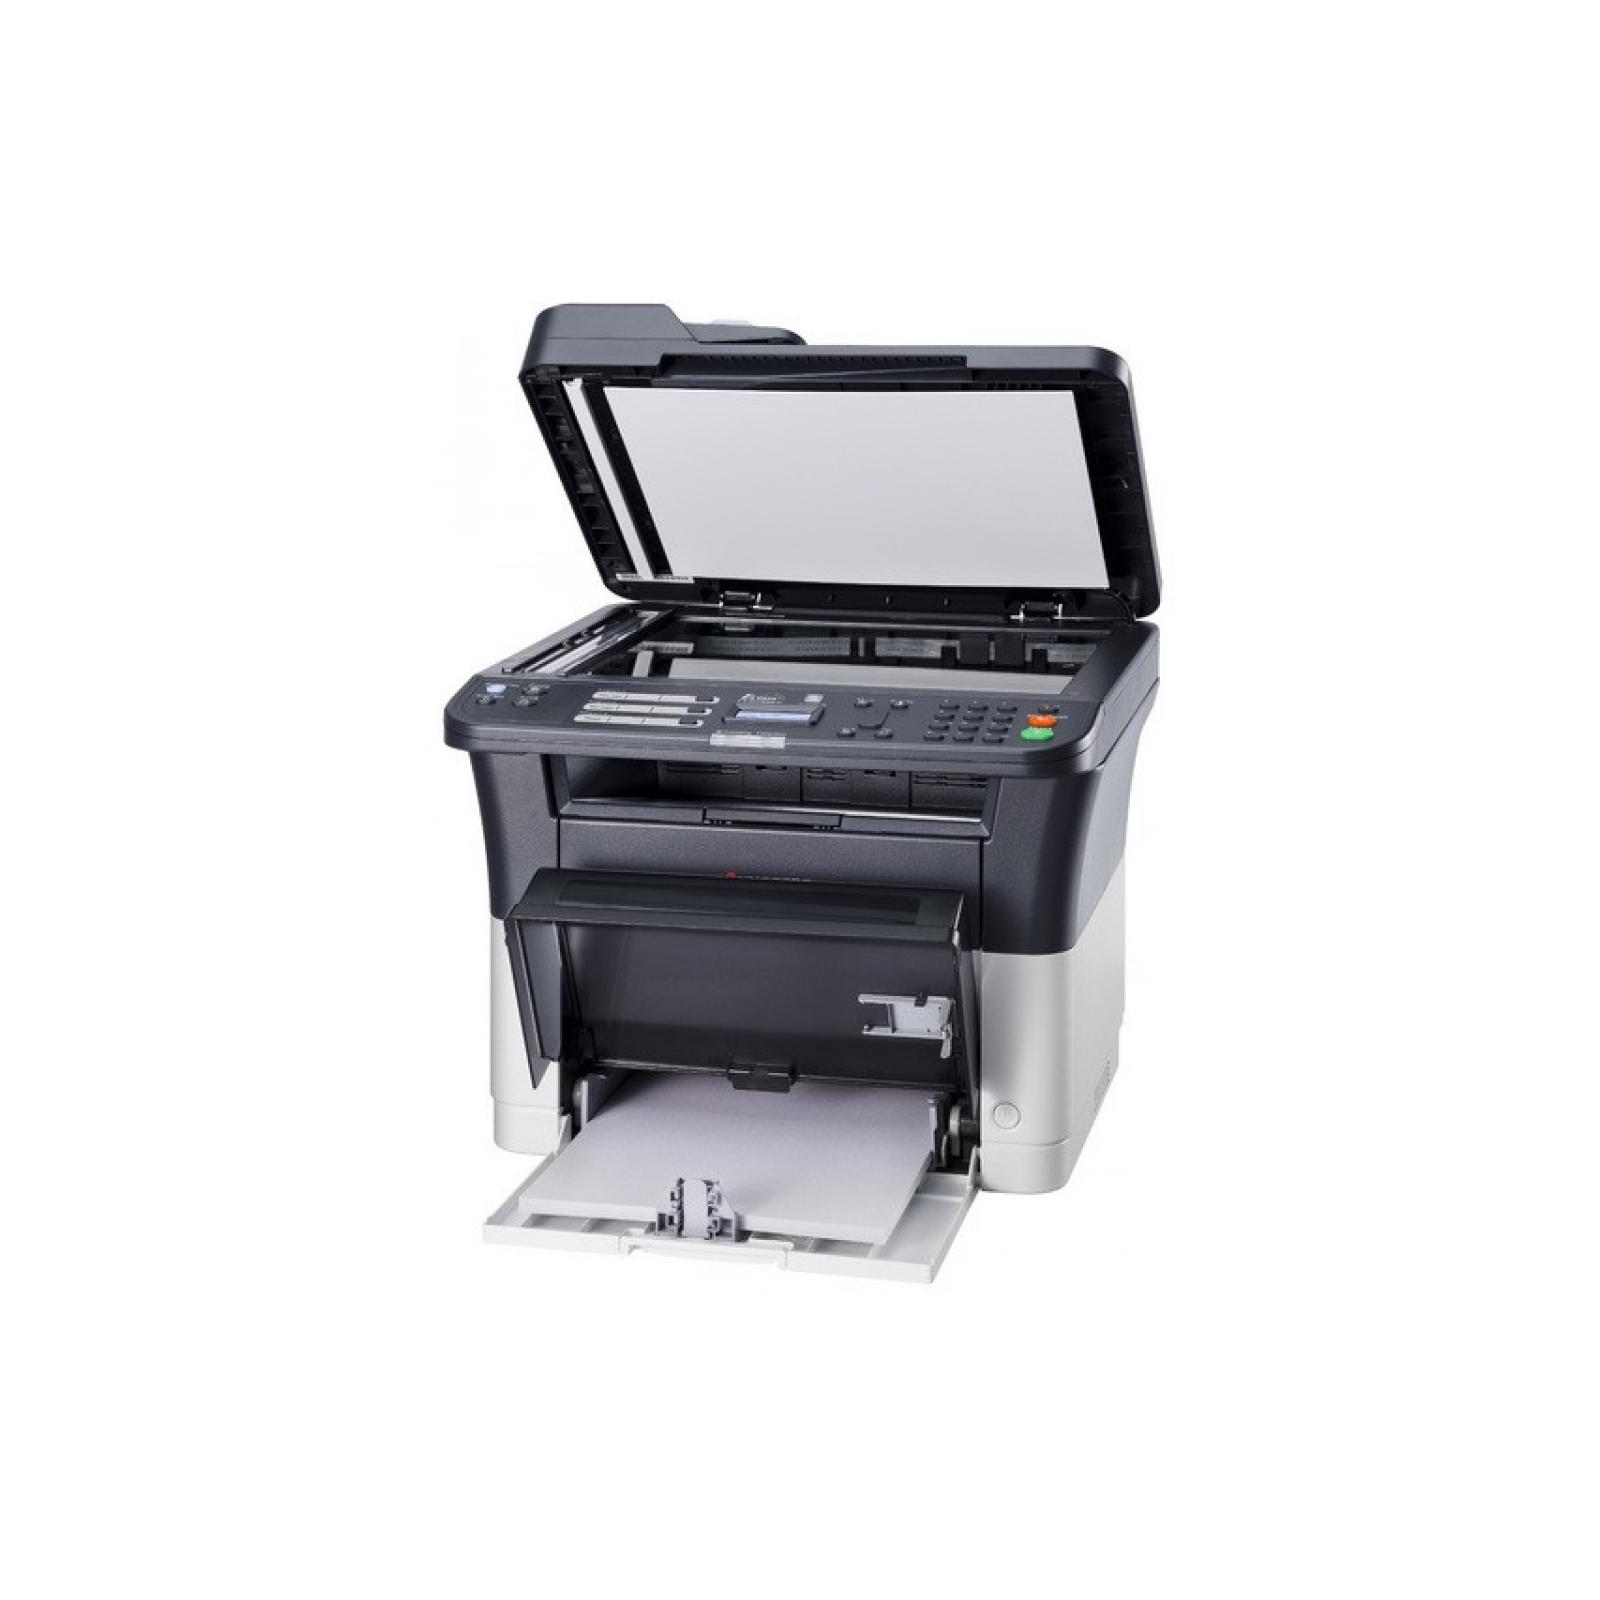 Многофункциональное устройство Kyocera FS-1025MFP (1102M63RUV) изображение 5